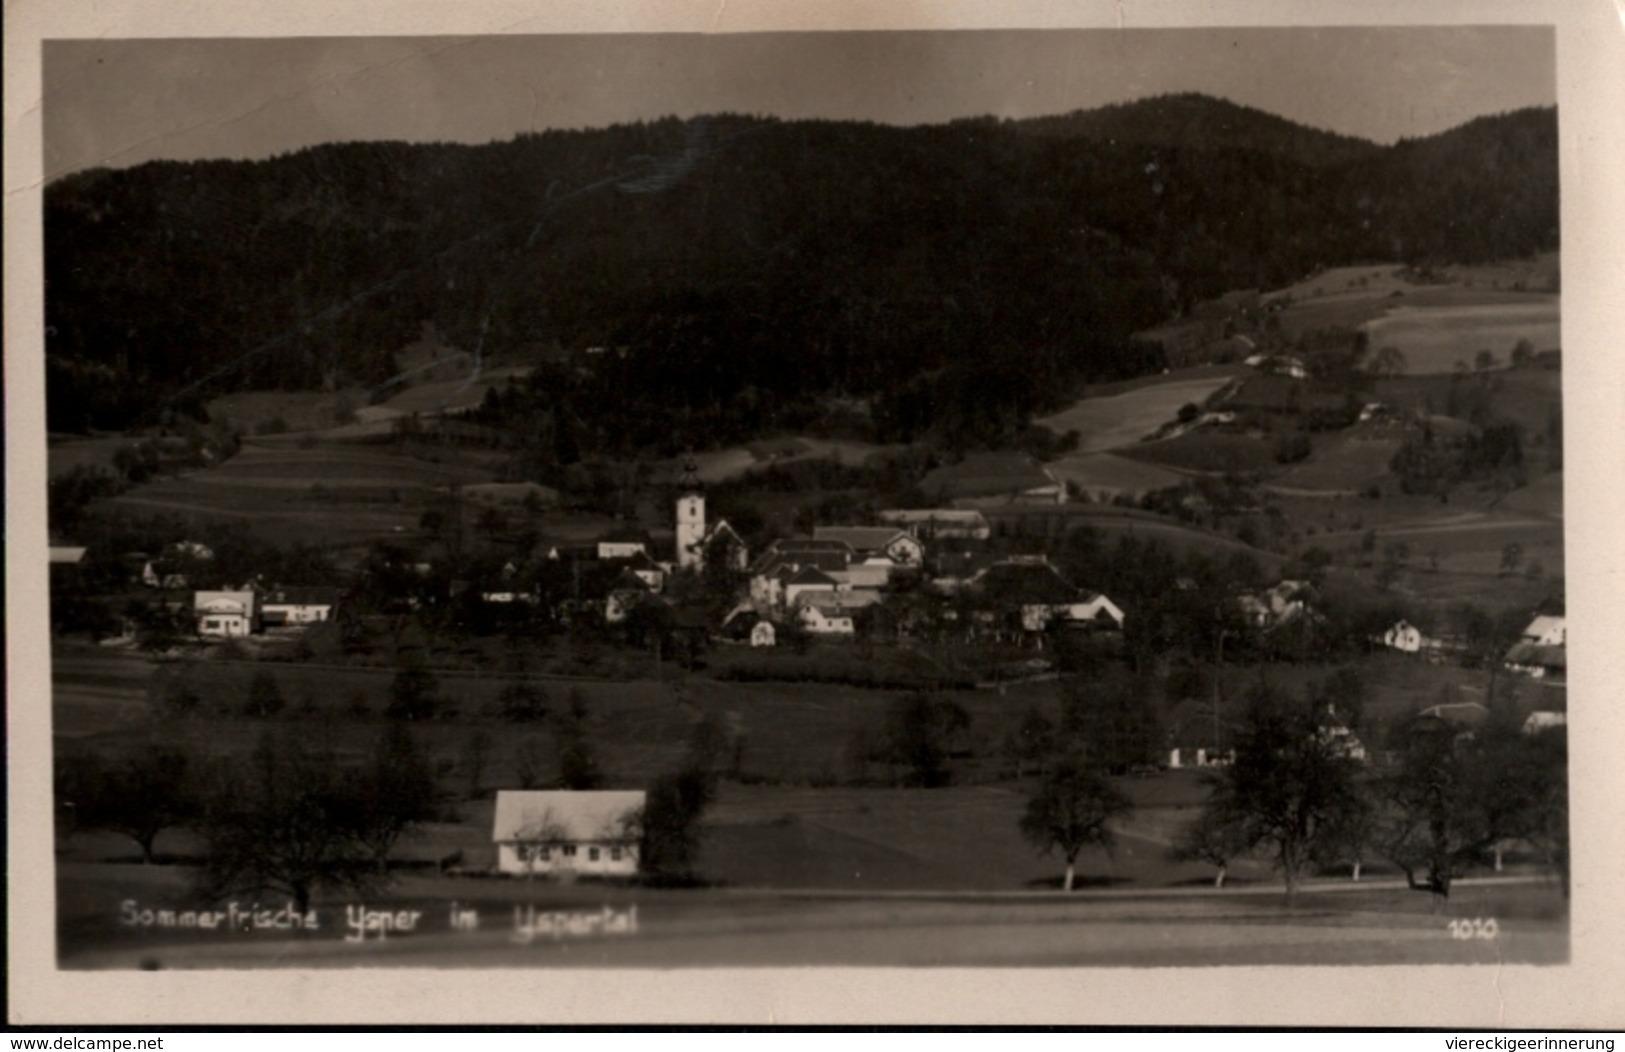 ! Ansichtskarte 1943, 3. Reich, KLV Lager Niederdonau 60, Gasthof Dangl, Kreis Melk, Österreich, Gelaufen N. Plön, - Deutschland